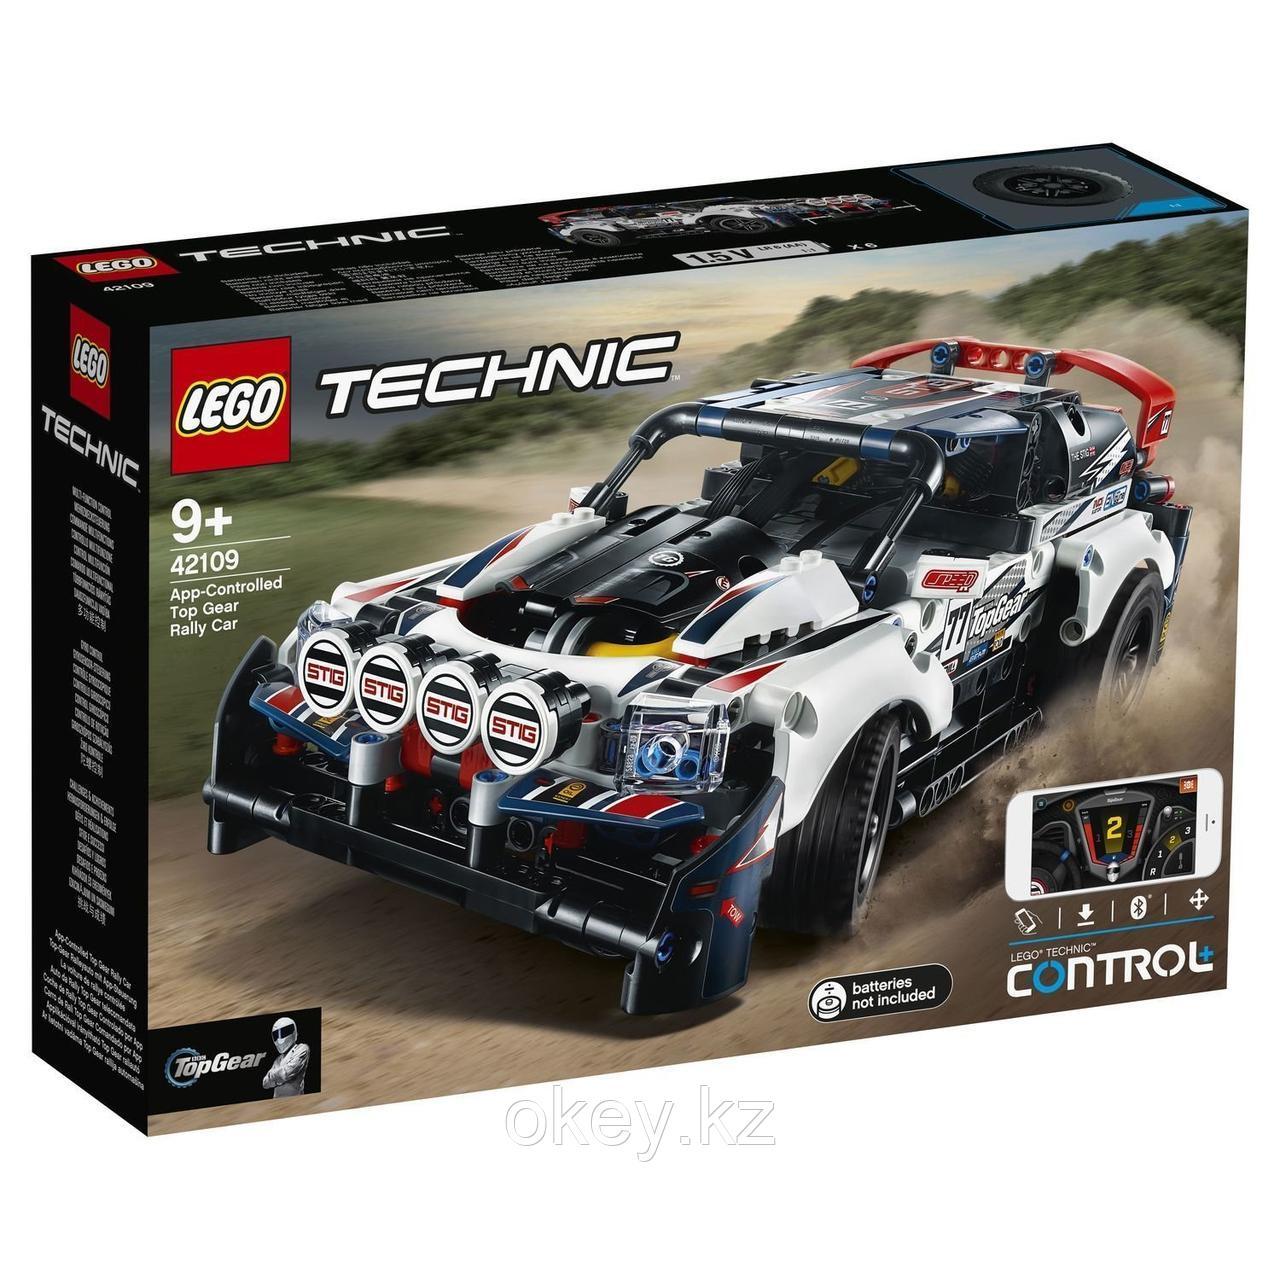 LEGO Technic: Гоночный автомобиль Top Gear 42109 - фото 1